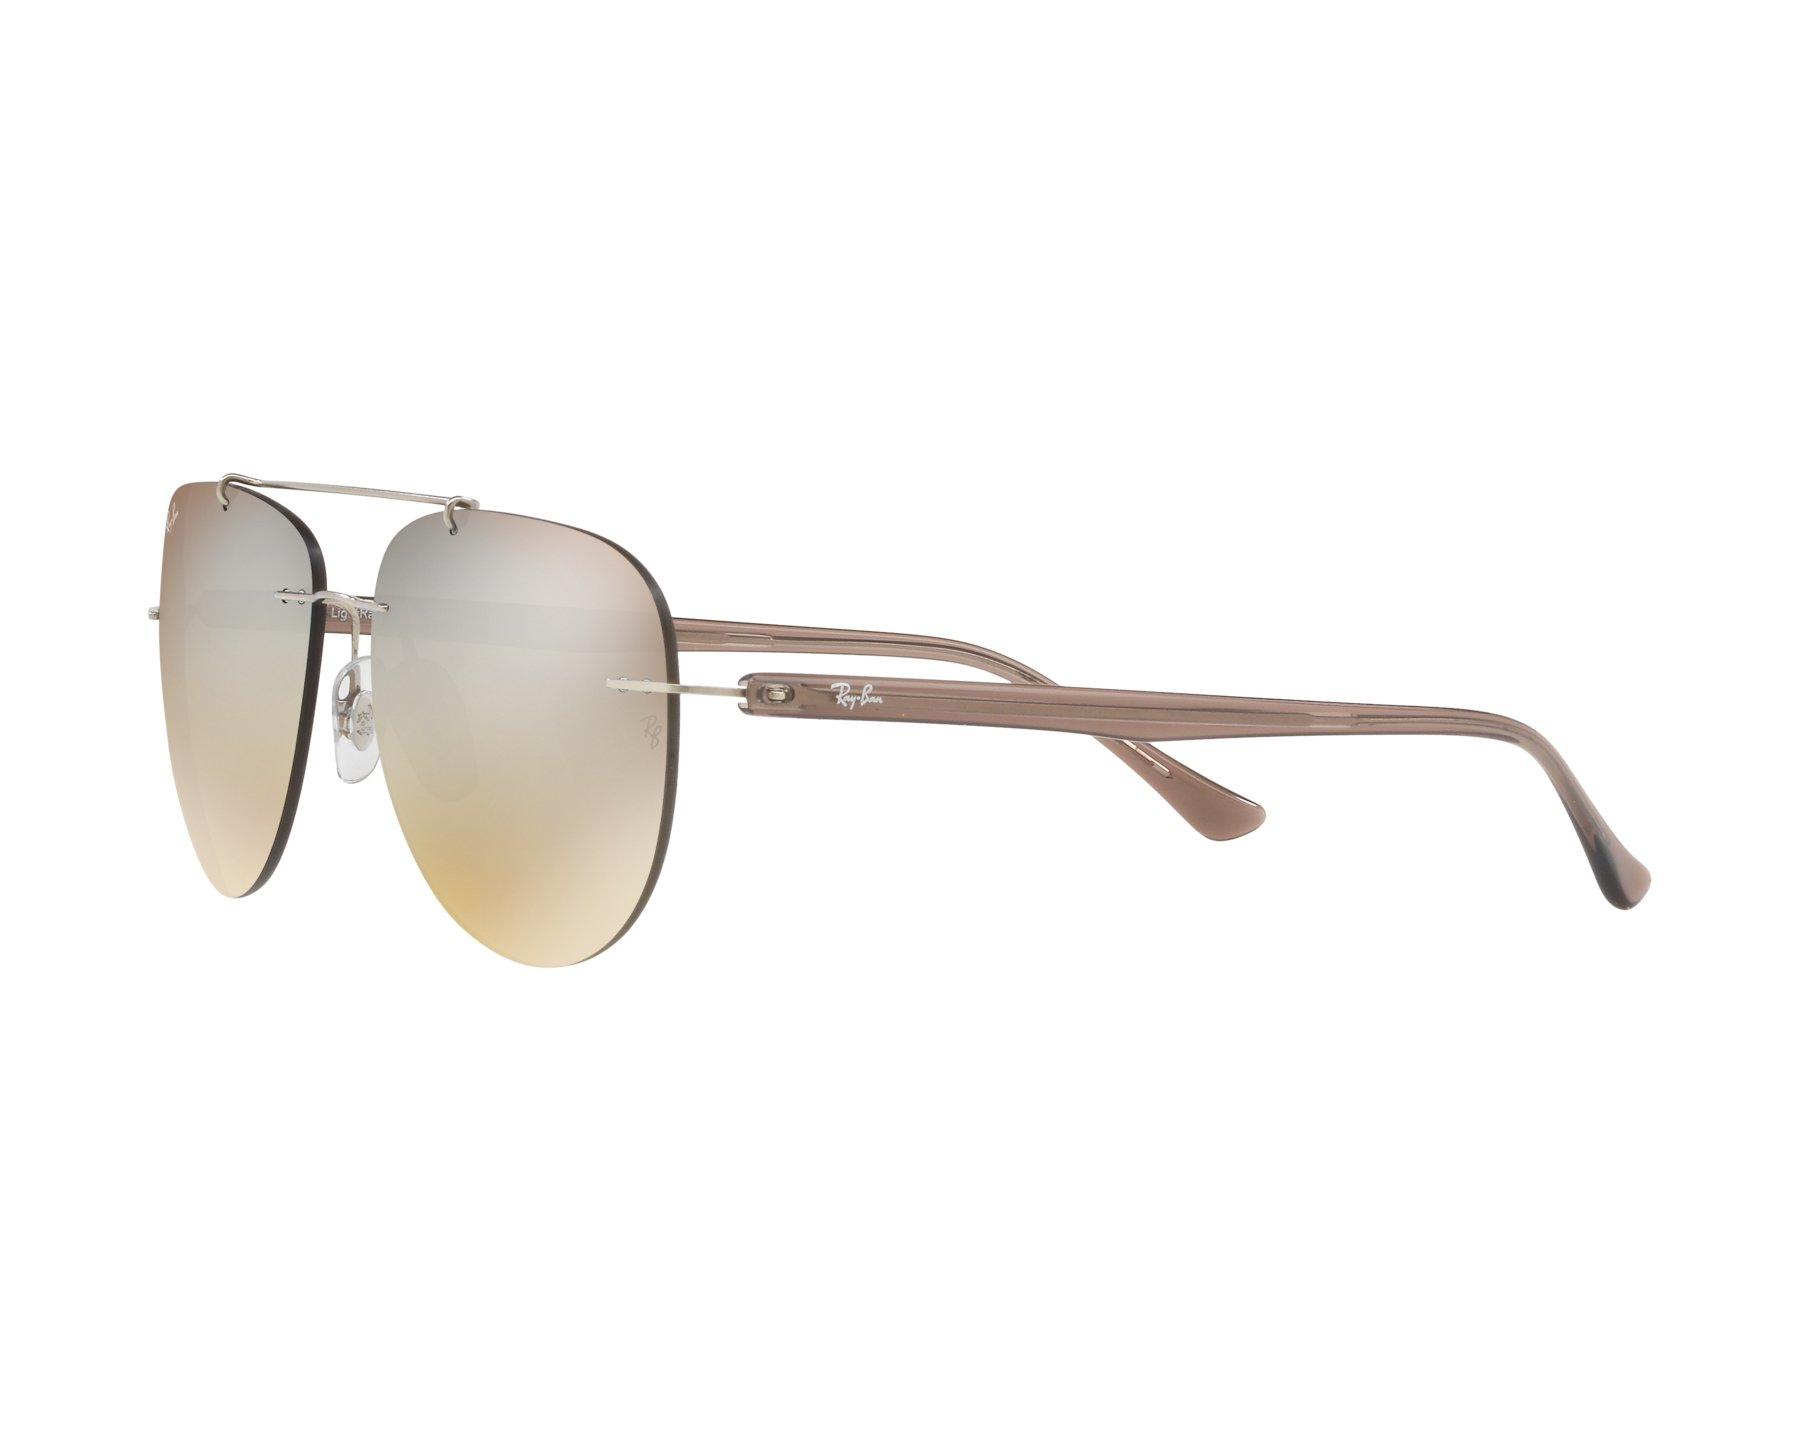 Sunglasses Ray-Ban RB-8059 003 B8 57-16 Gun Brown 360 4f2097be40b8